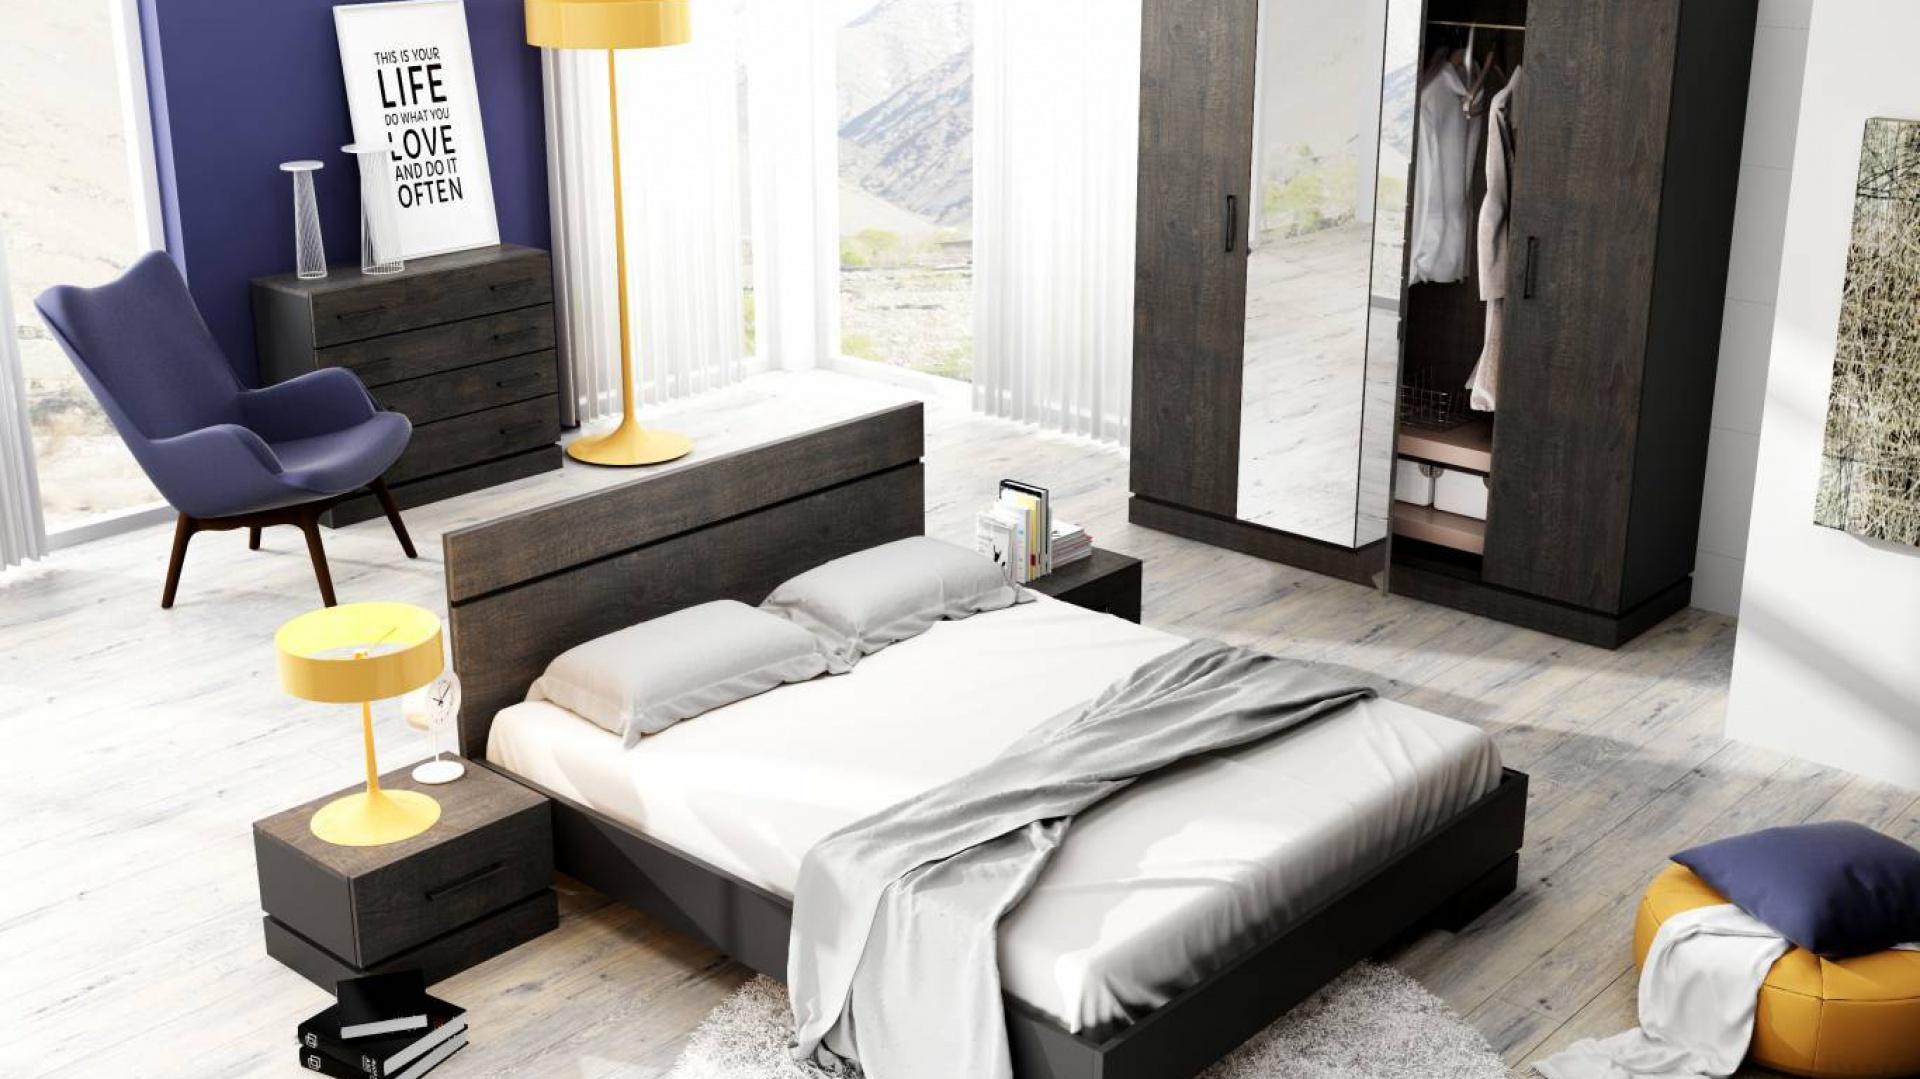 Kolekcja do sypialni Sherwood to piękno rustykalnego drewna. Ciemne wybarwienie nadaje meblom tajemniczości oraz charakteru. Fot. DigNet.